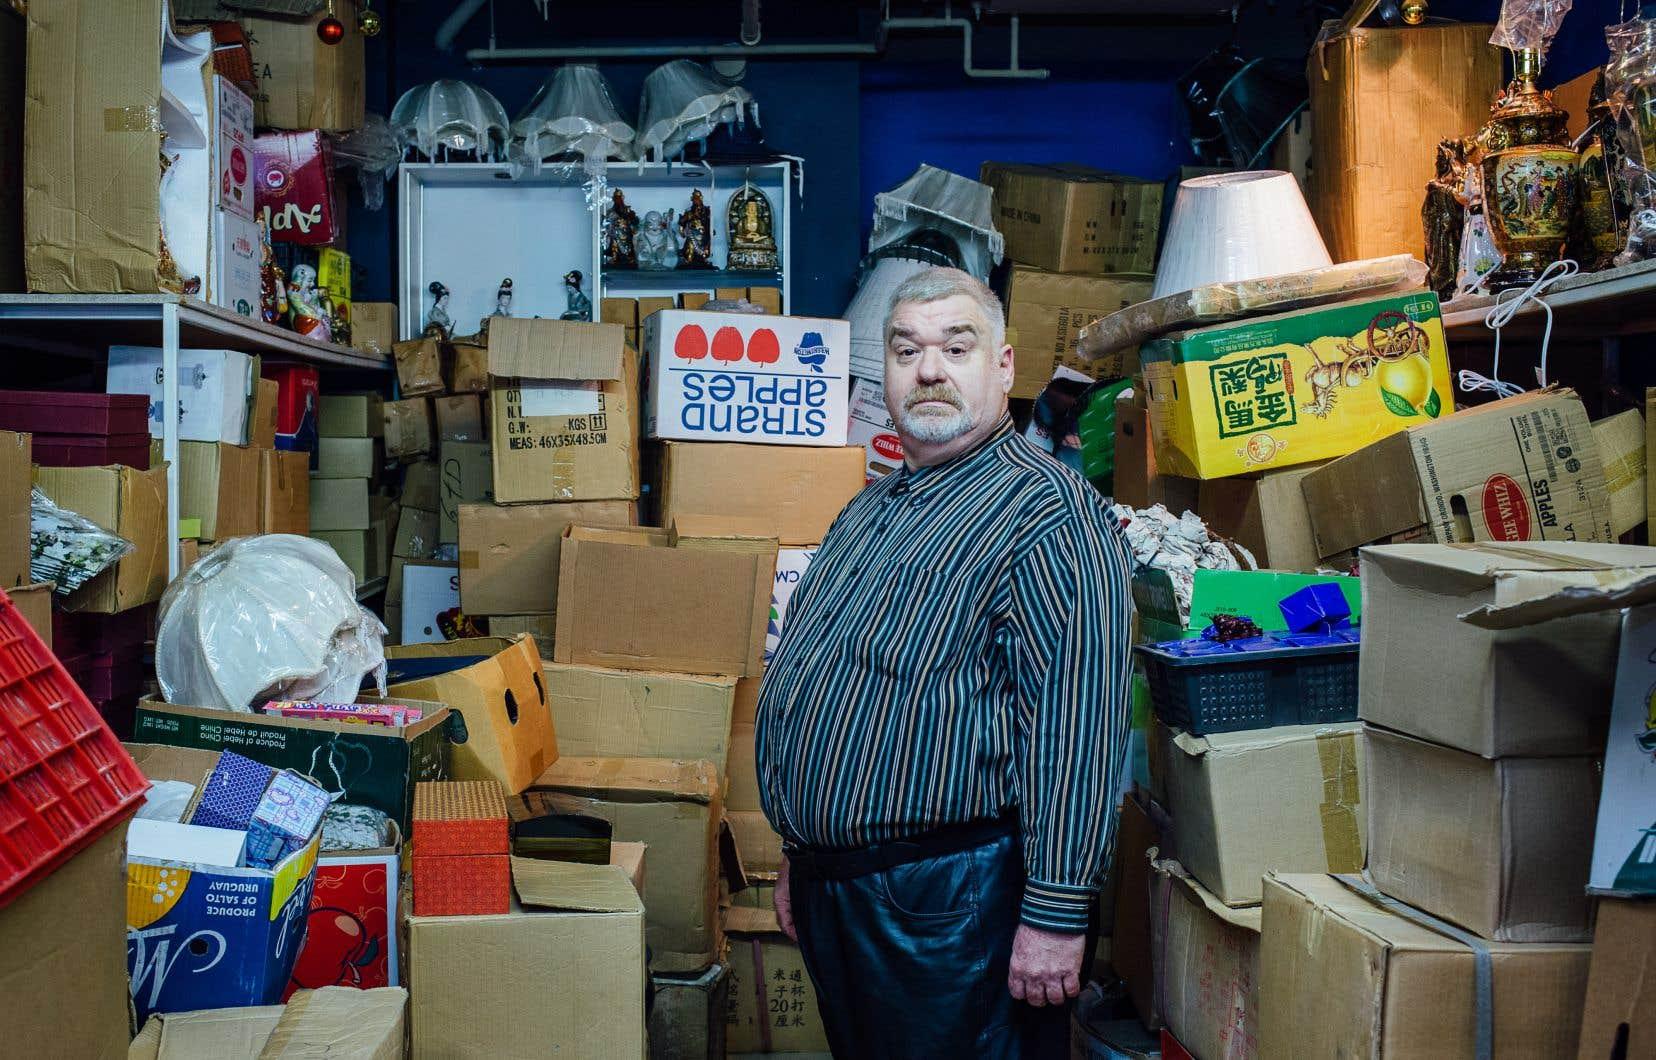 Jean-Luc Bonspiel, poète «punk», dans le Quartier chinois